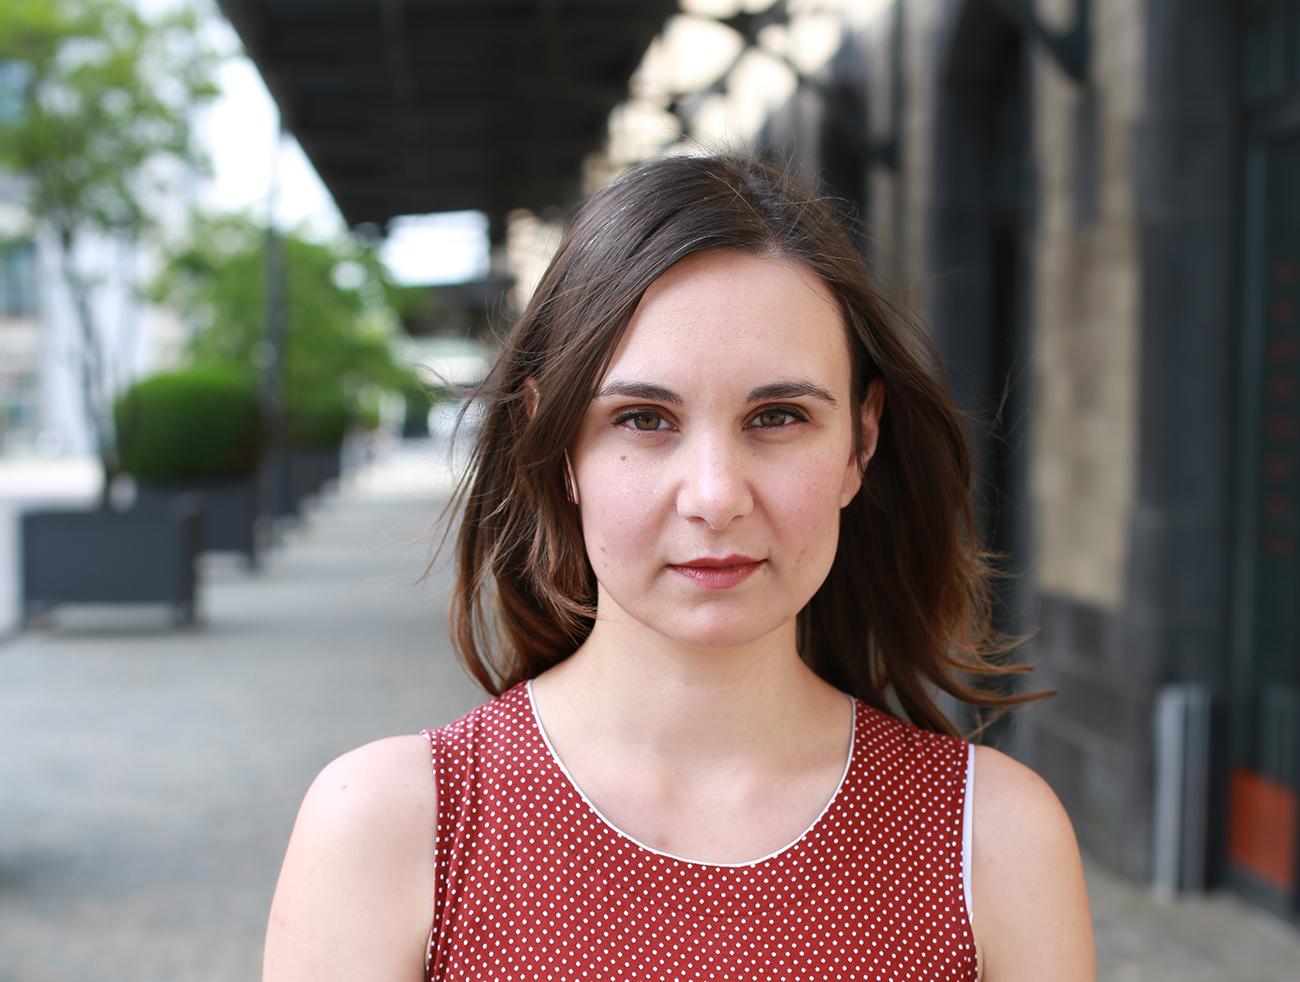 Schauspielschülerin Anne Scarbath und ihre bisherigen Erfahrungen im Bereich Schauspielausbildung an der Theaterakademie Köln